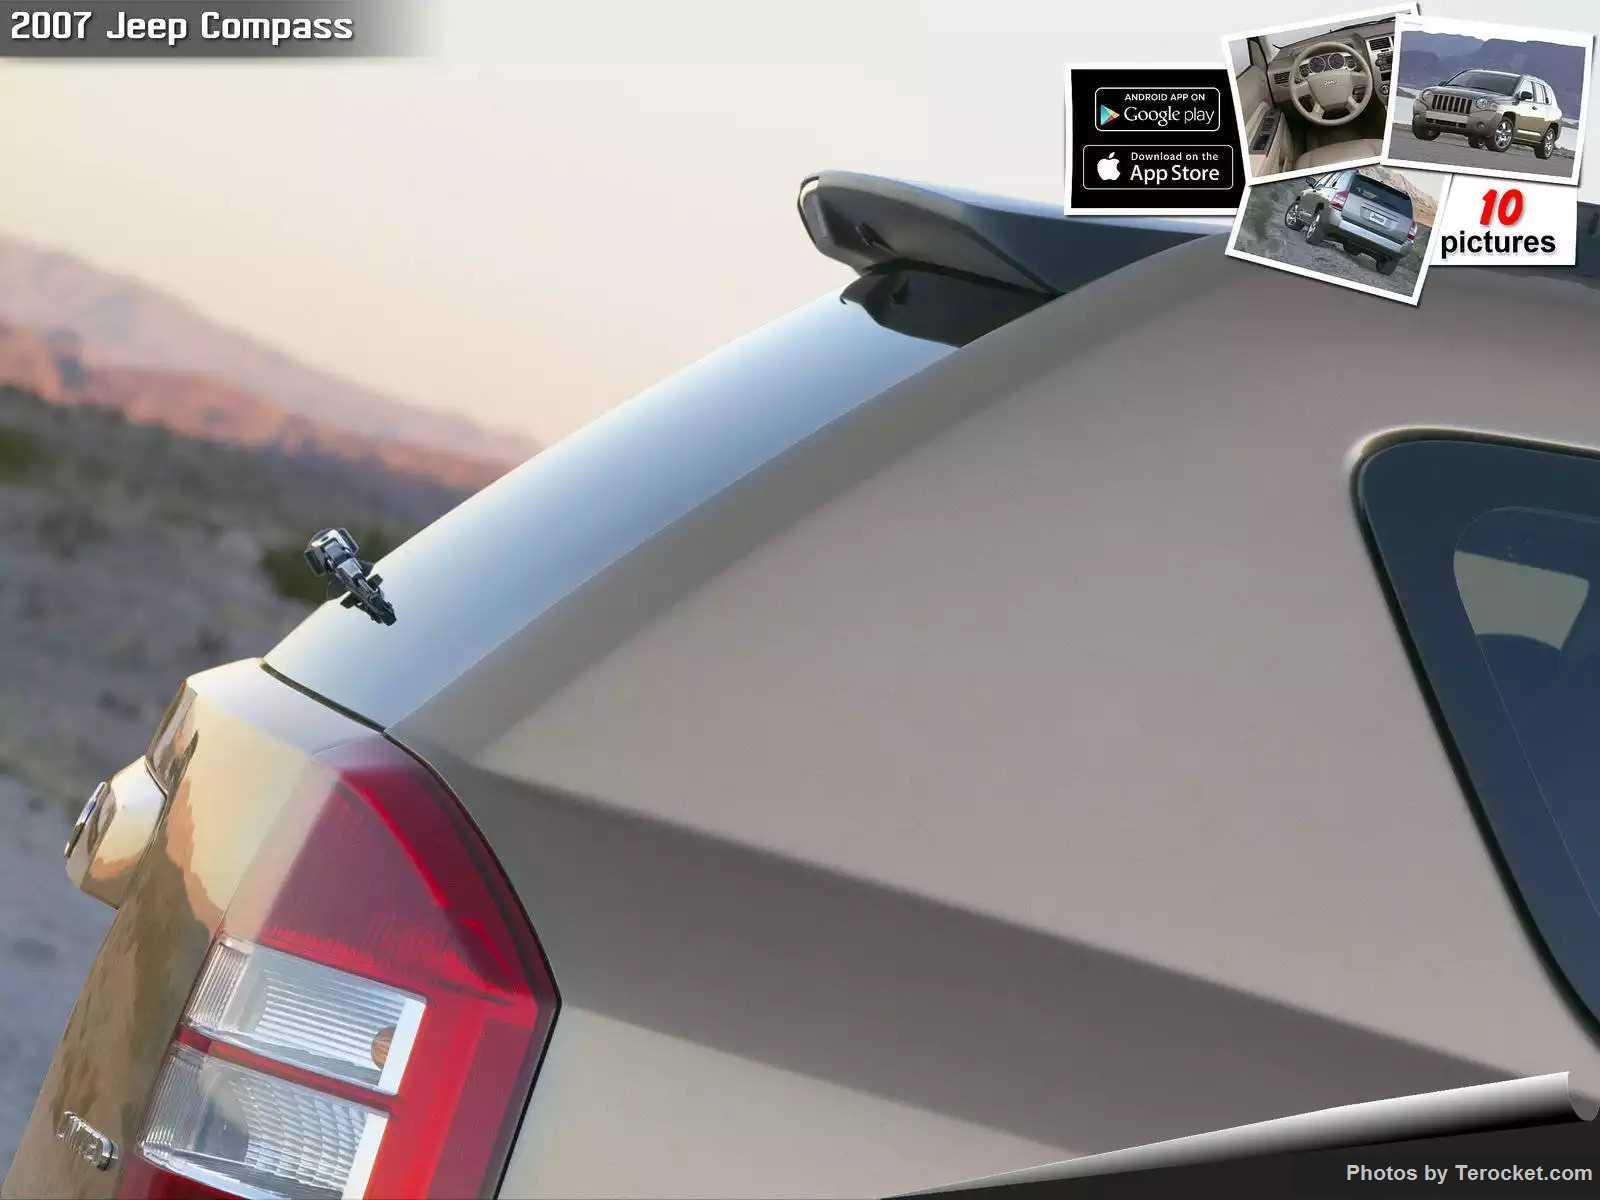 Hình ảnh xe ô tô Jeep Compass 2007 & nội ngoại thất